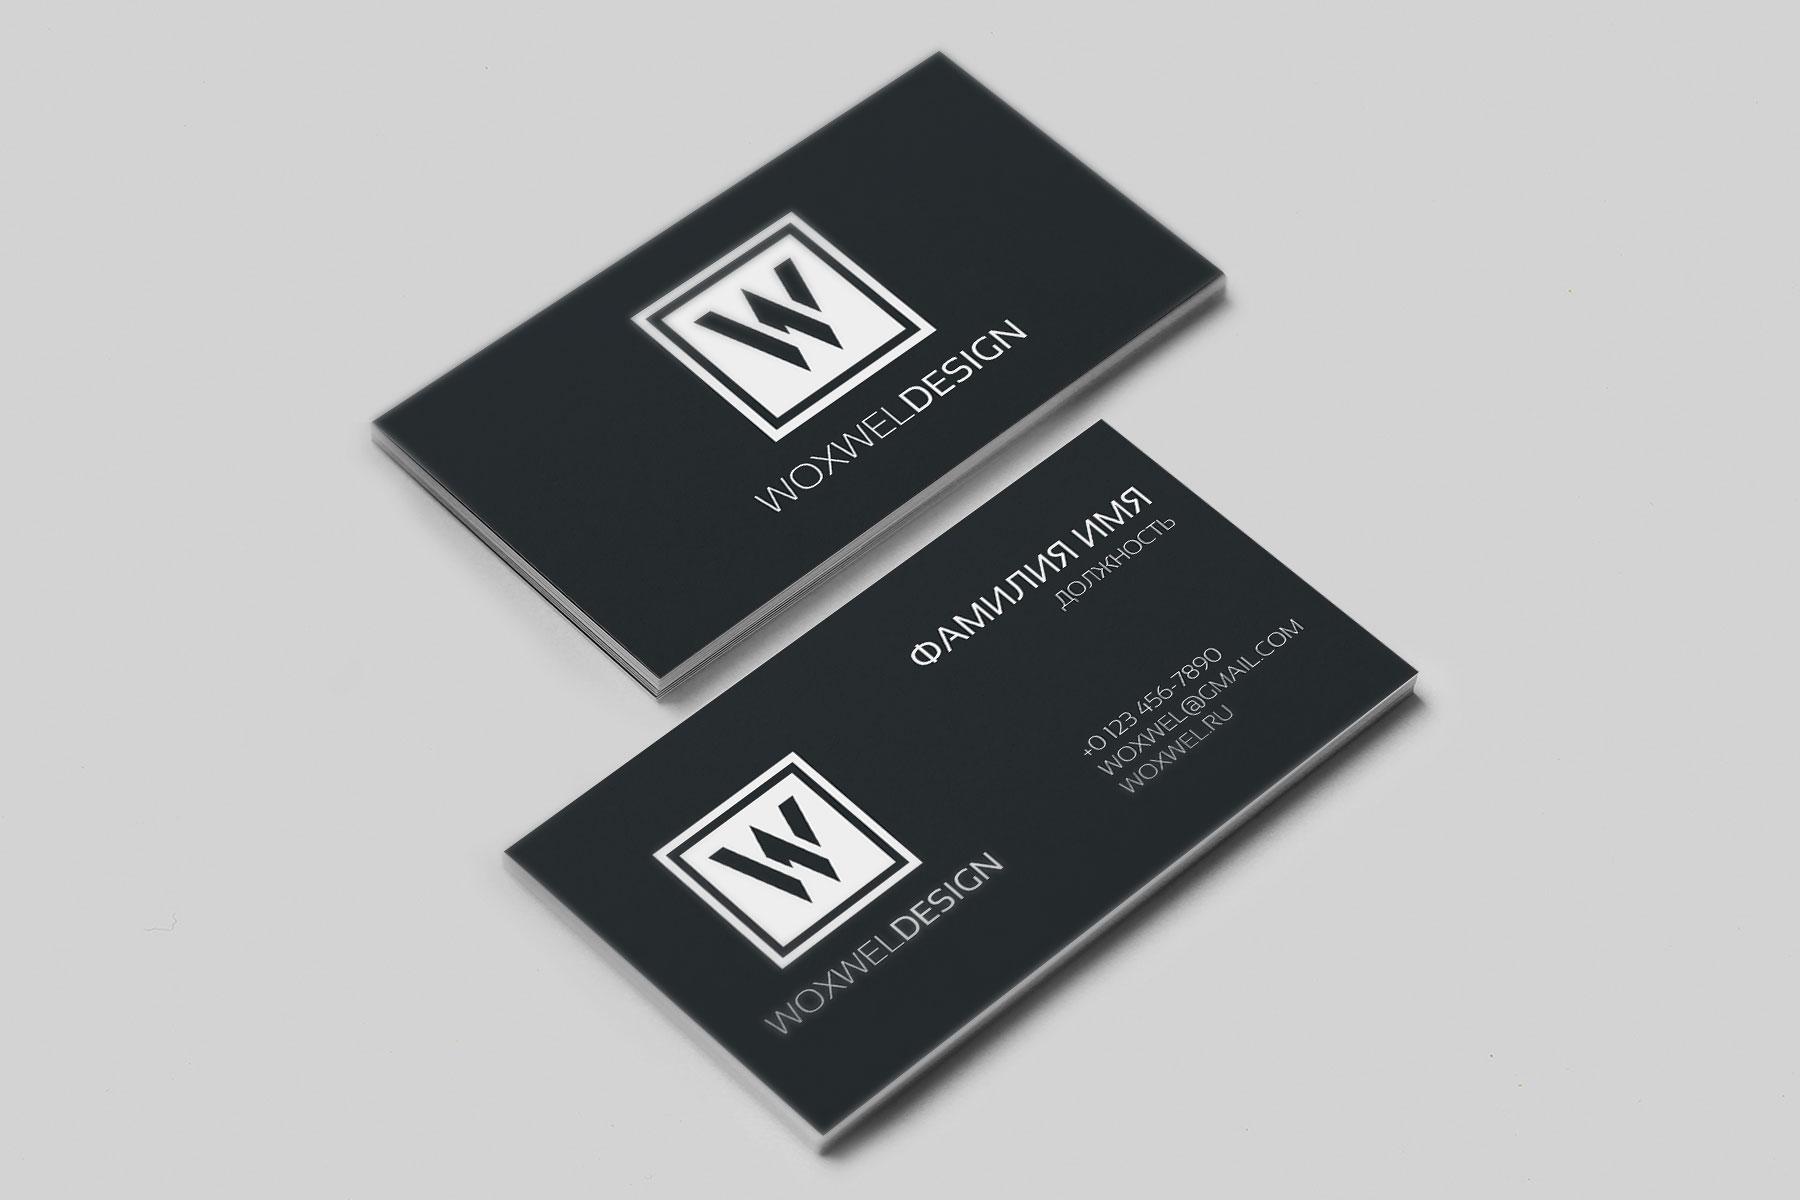 Логотип Woxwel Design - визитные карточки